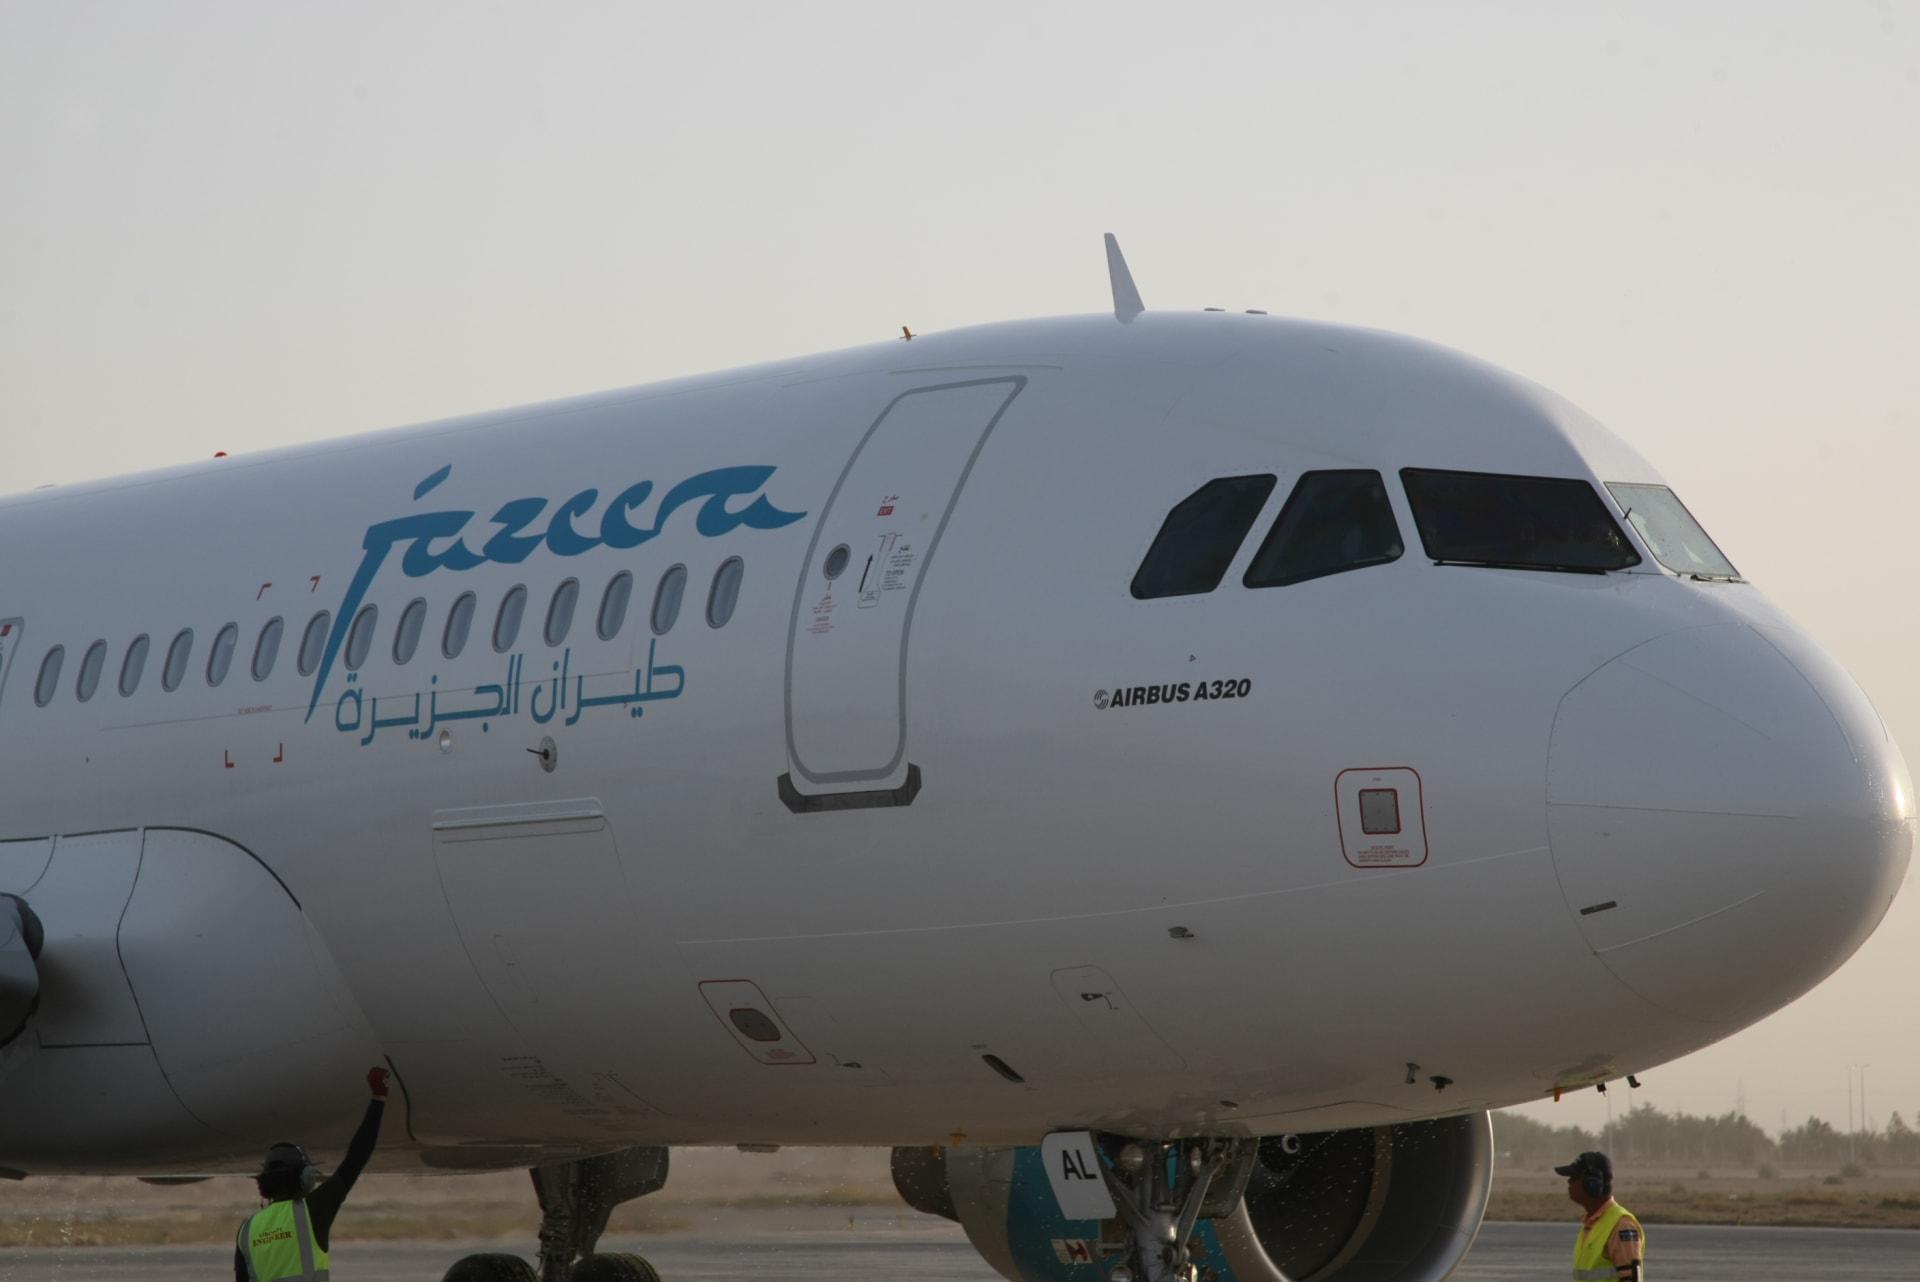 إحدى طائرات شركة طيران الجزيرة الكويتية في مطار مدينة النجف العراقية، في 17 أبريل 2012.